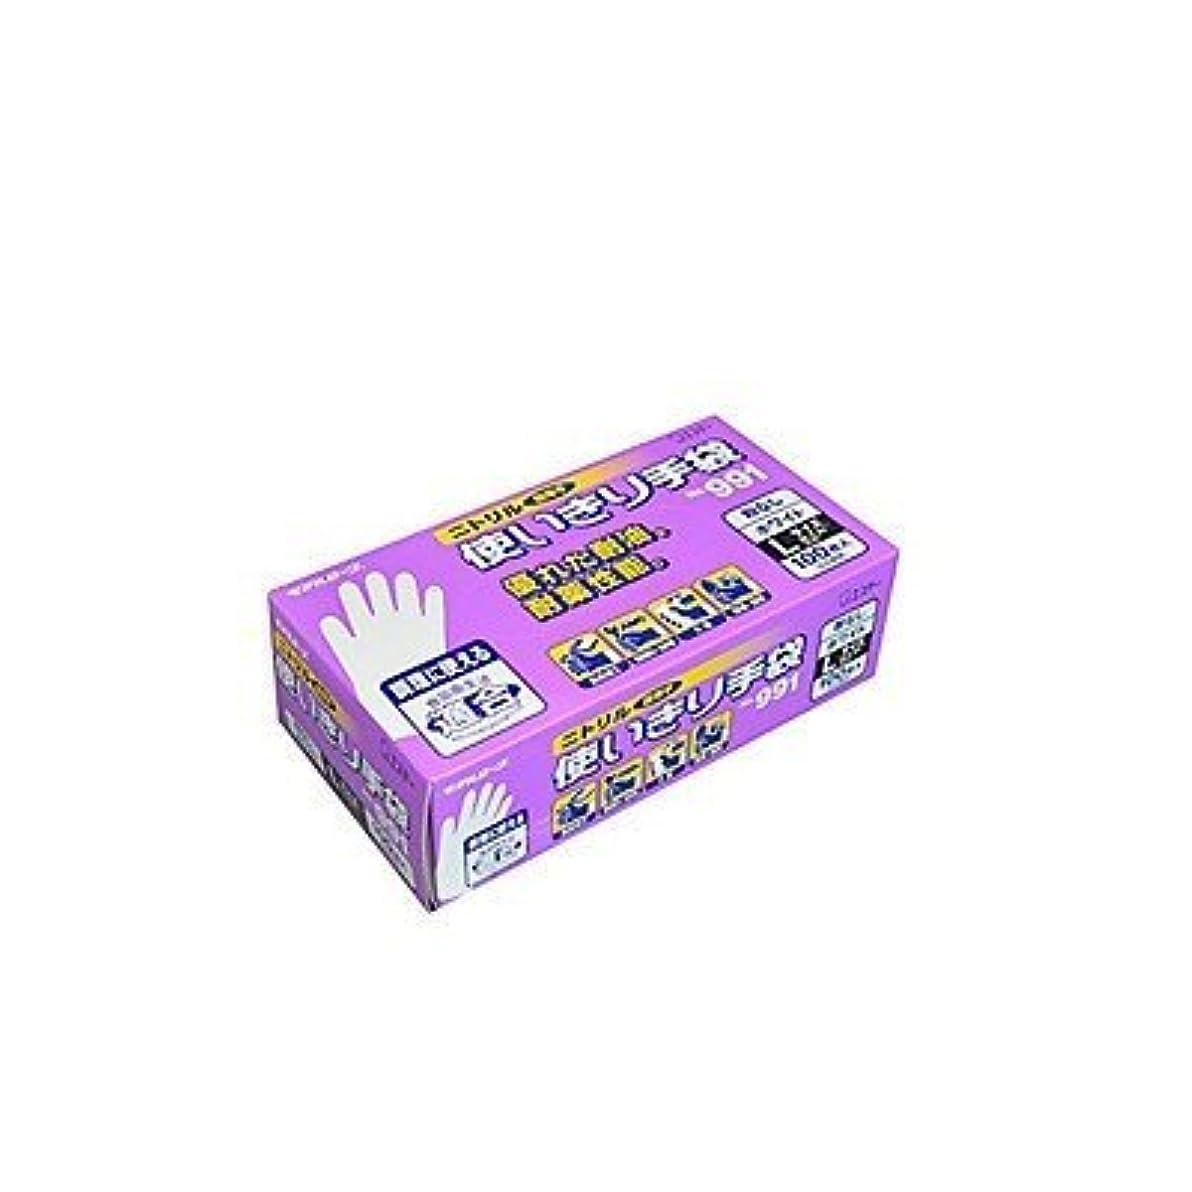 ベスト禁止する無秩序ニトリル使いきり手袋(粉なし)No991 L 100枚 品番:754939 注文番号:62786911 メーカー:エステー